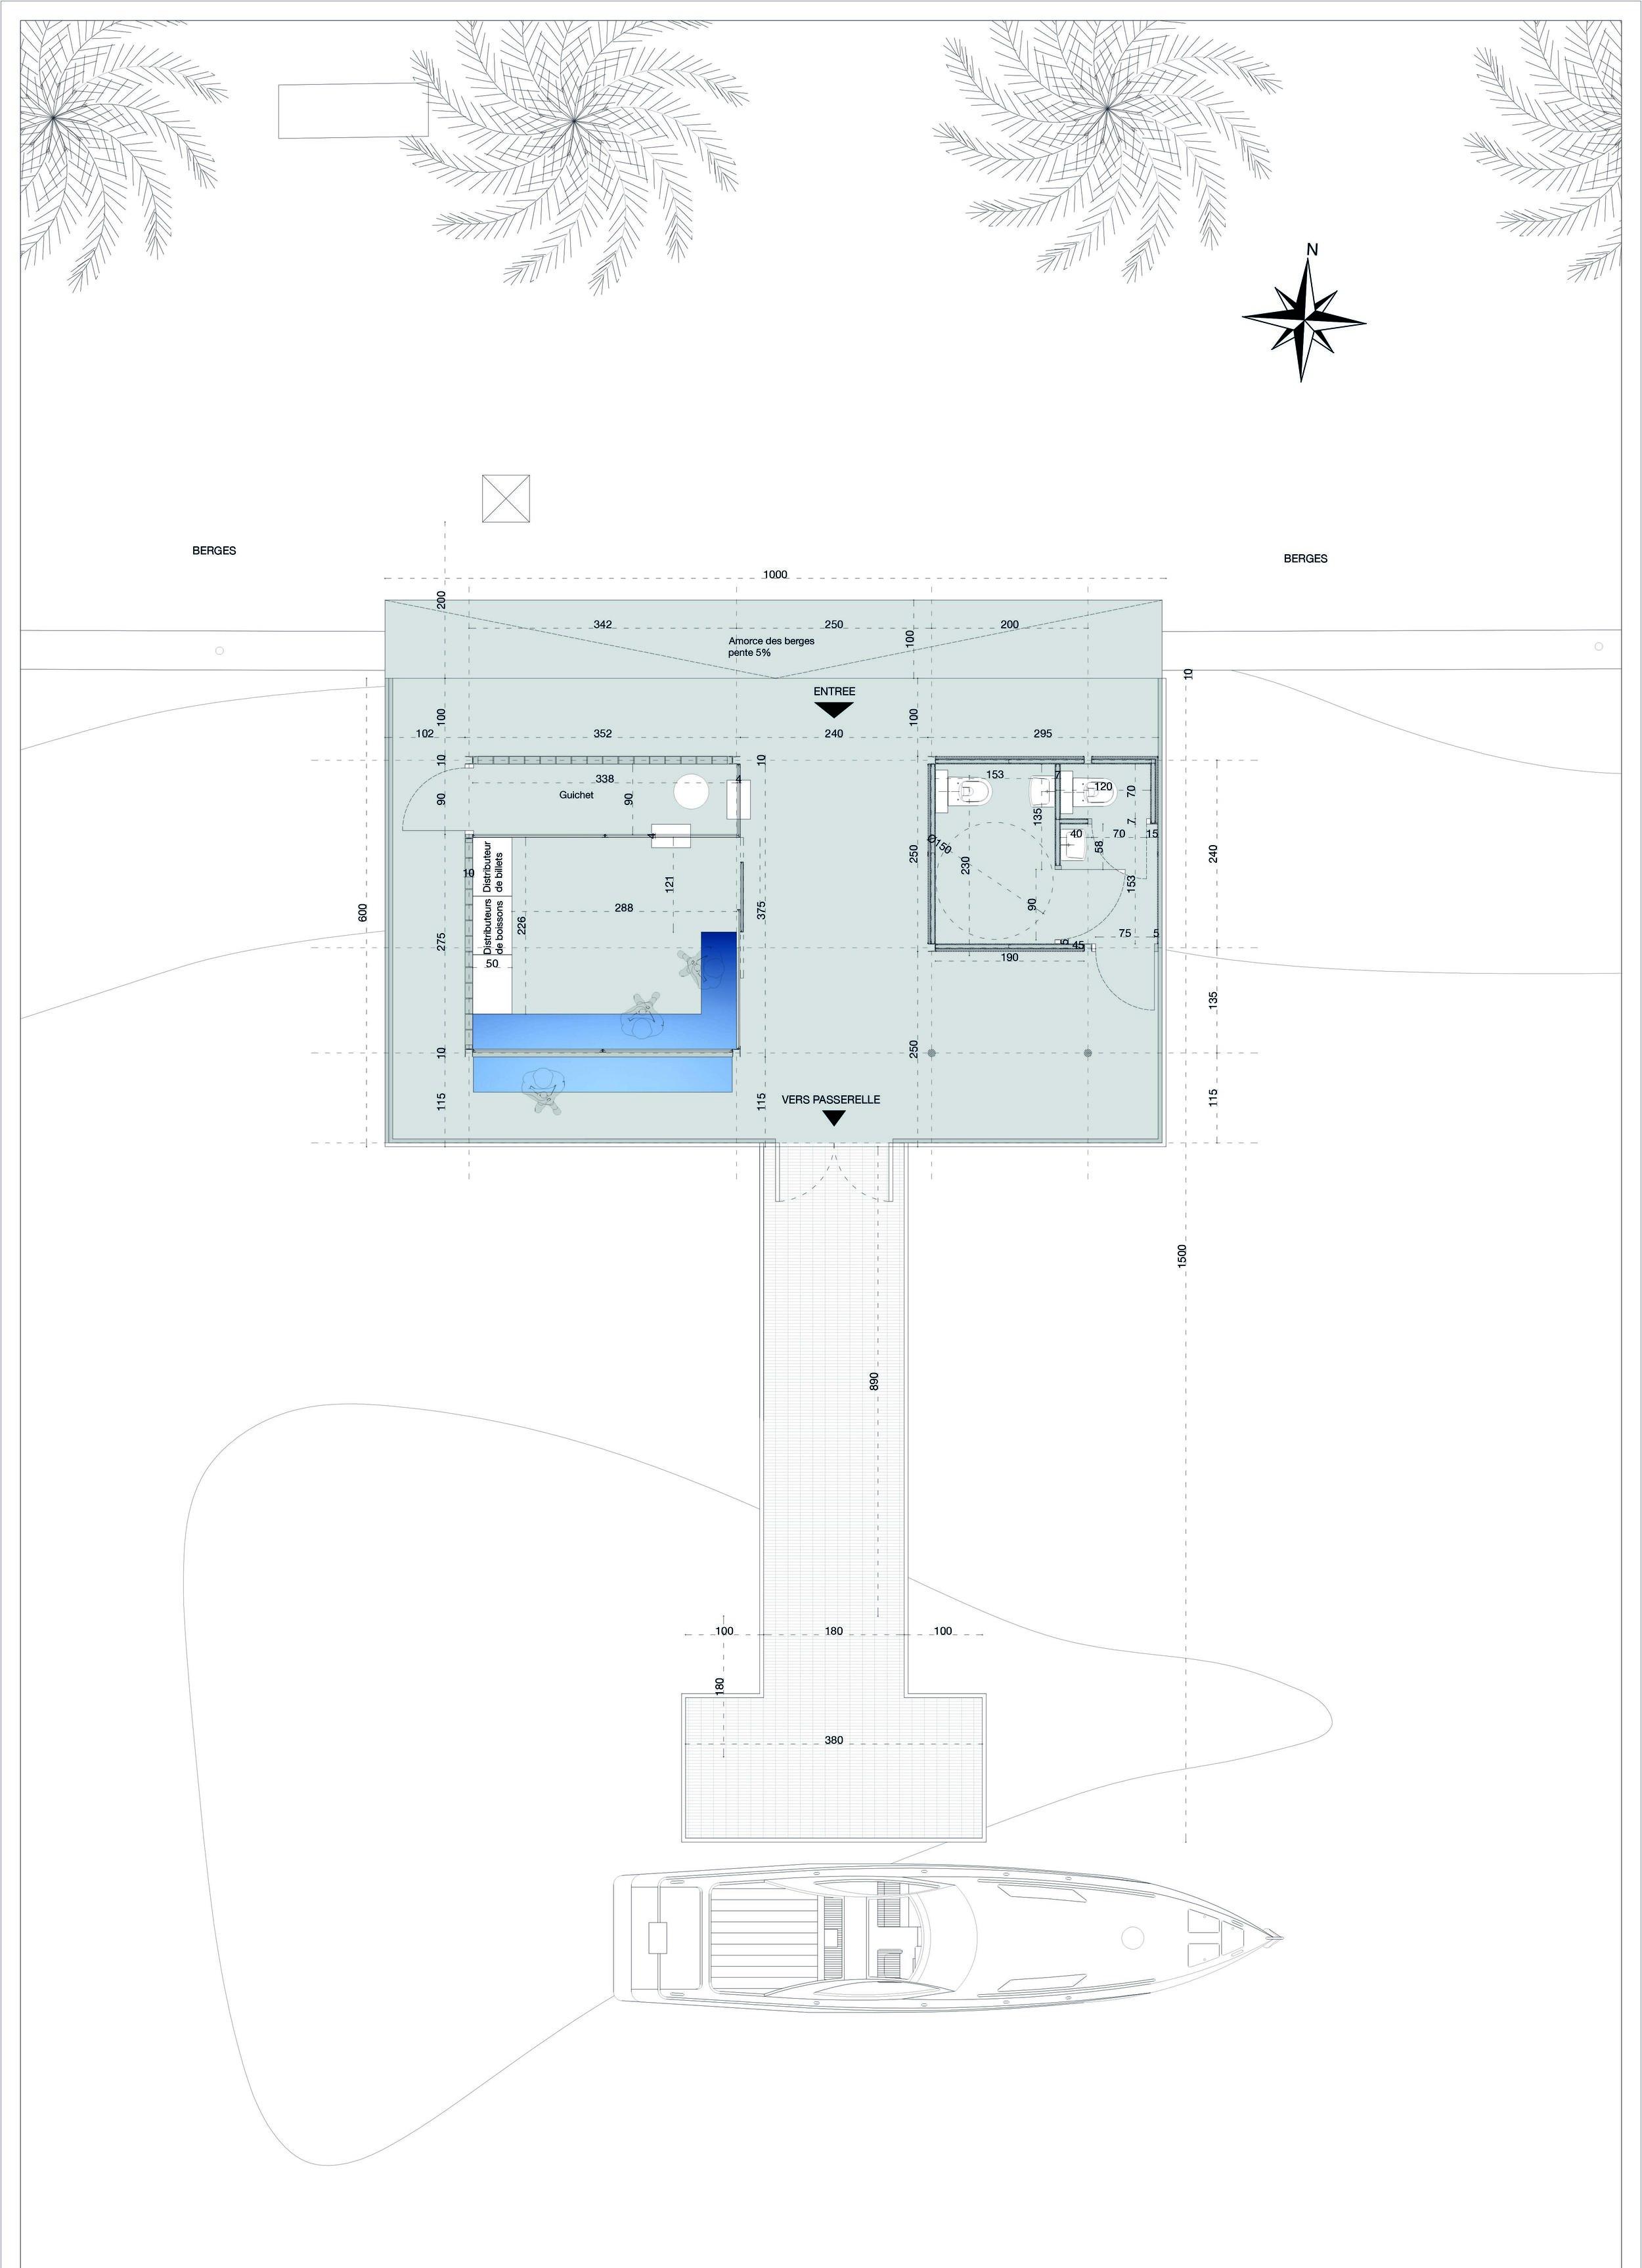 L2_PLAN_1-50.jpg